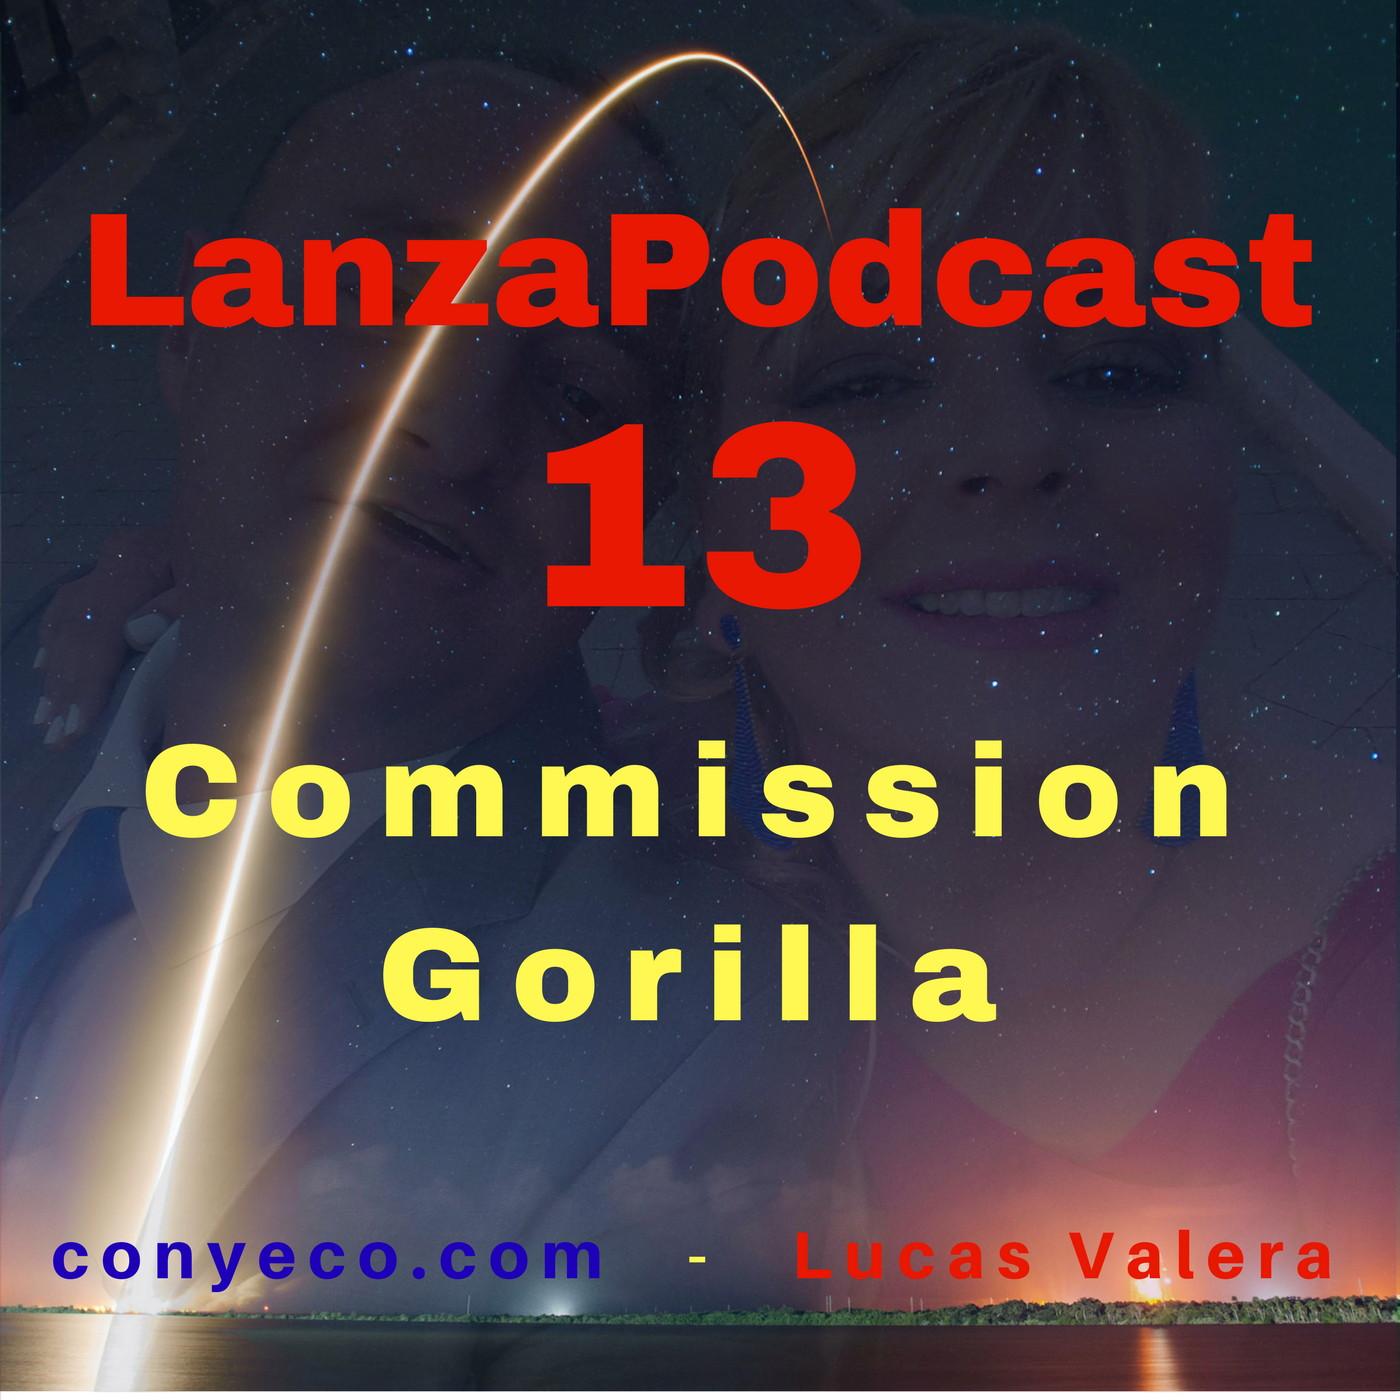 LanzaPodcast-13-Commission-Gorilla-conyeco.com-Lucas-Valera